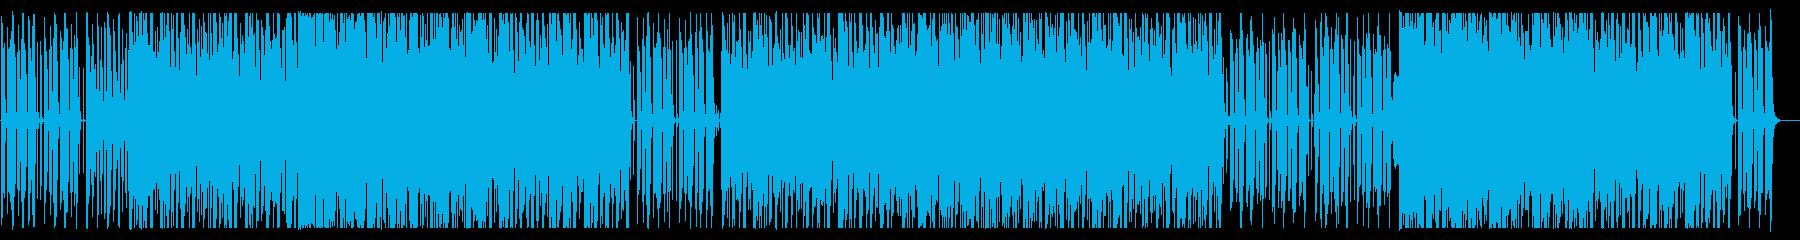 愉快なオーケストラサウンドのワルツの再生済みの波形